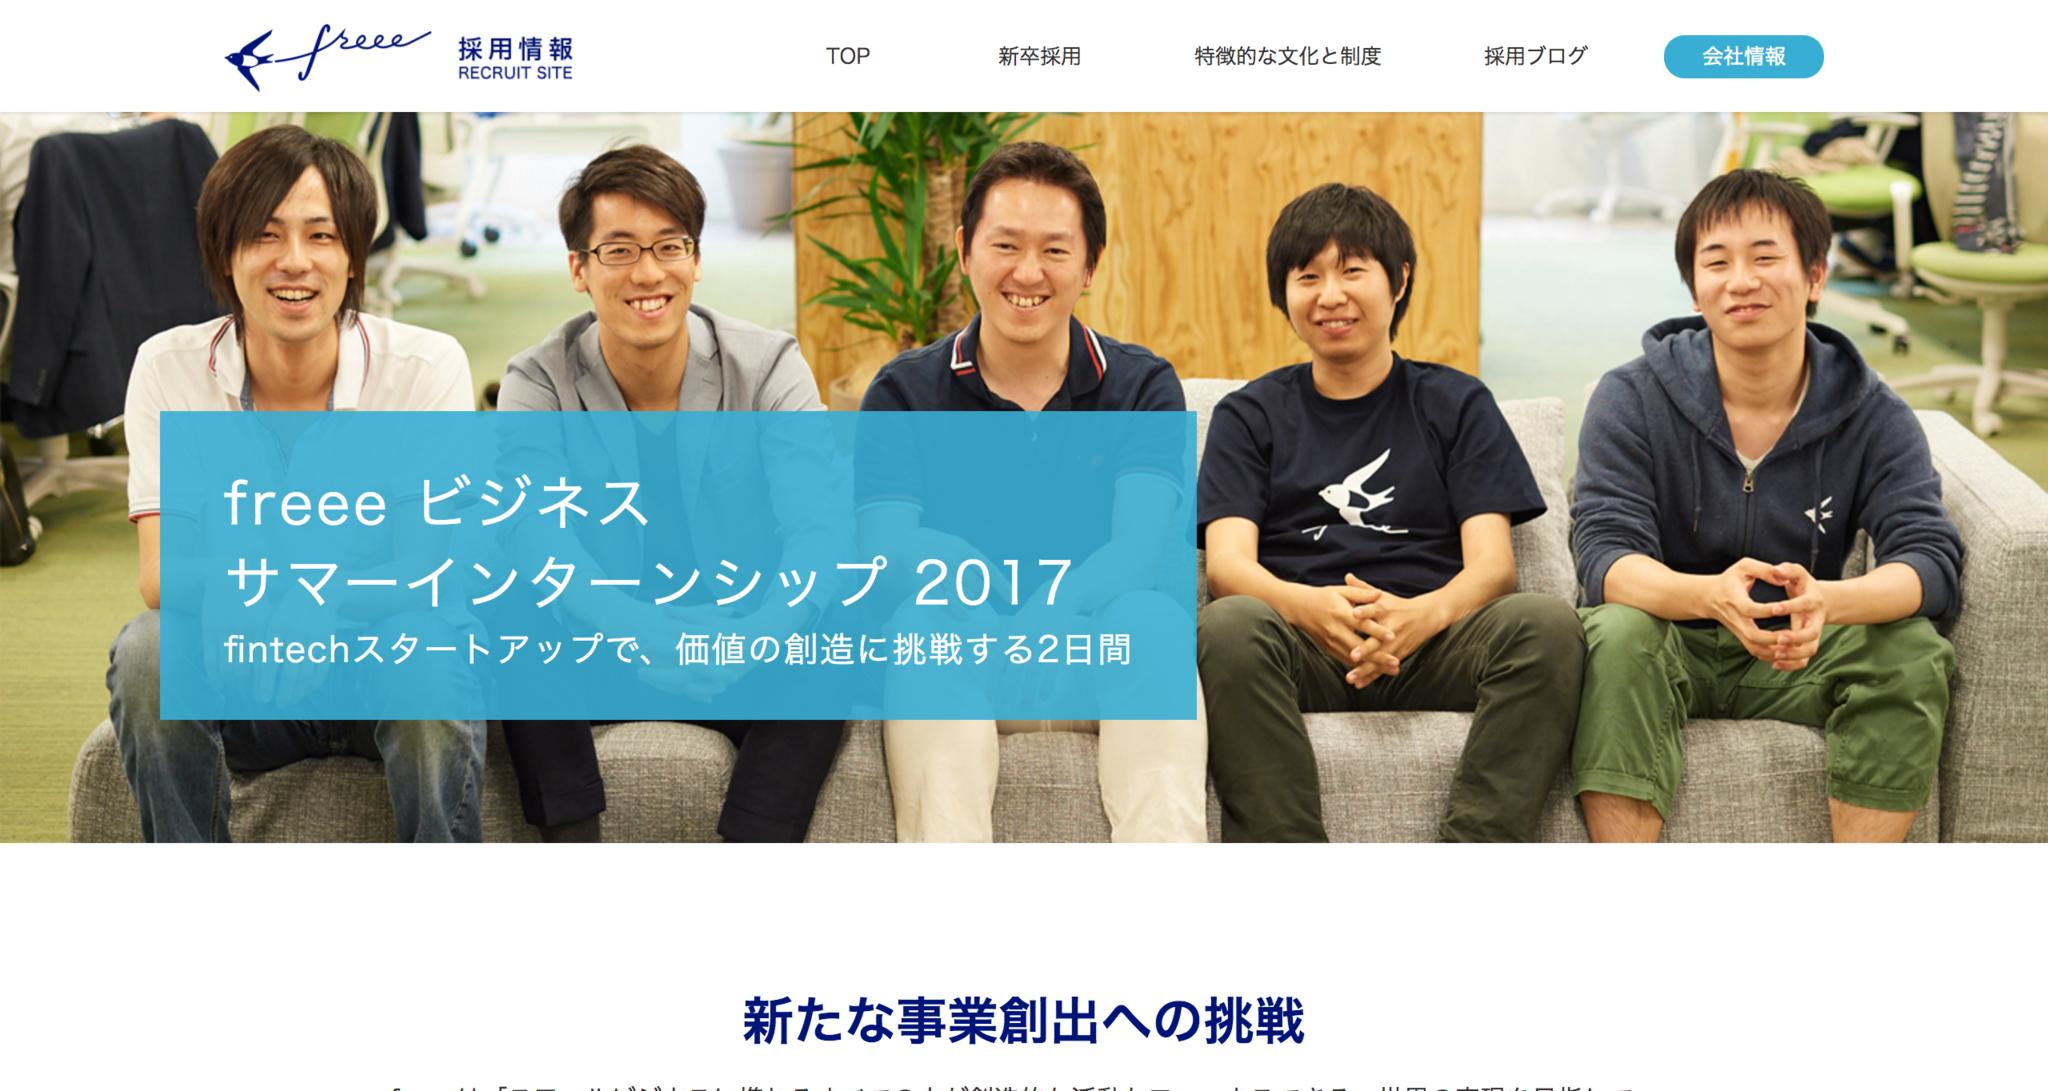 新卒採用_l_2017ビジネス職サマーインターン___freee株式会社_採用情報.png